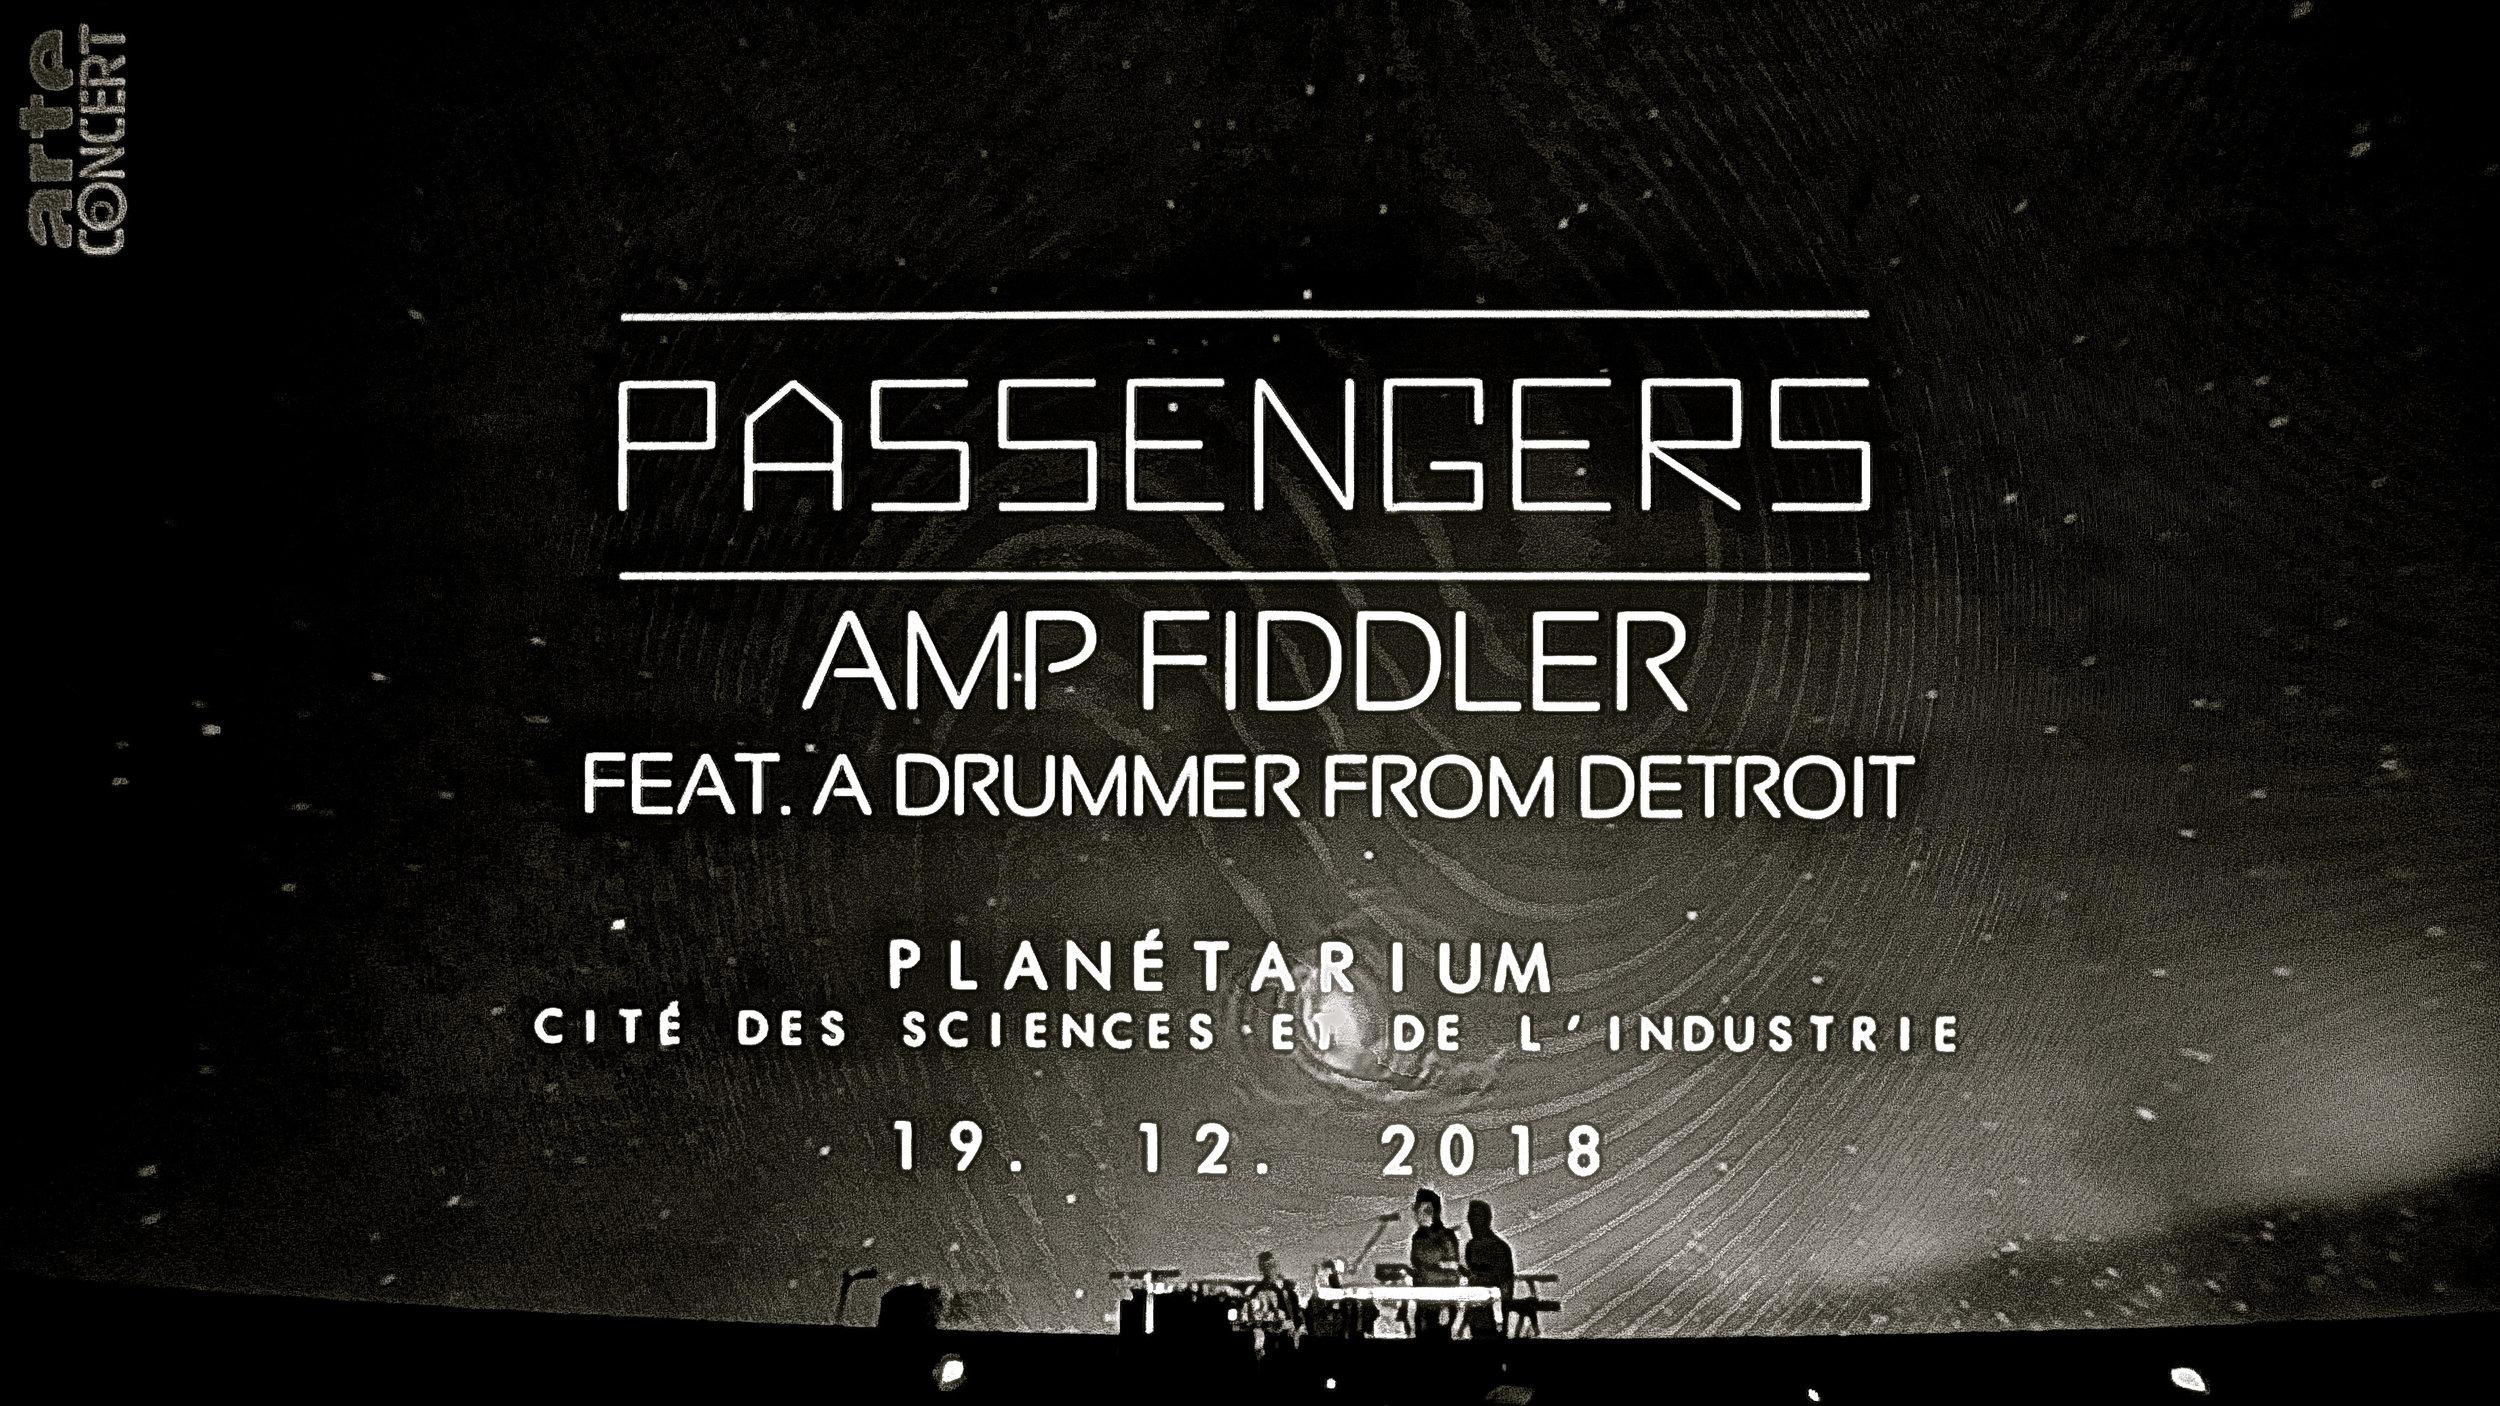 Passengers Amp Fiddler Feat. A Drummer From Detroit - 2